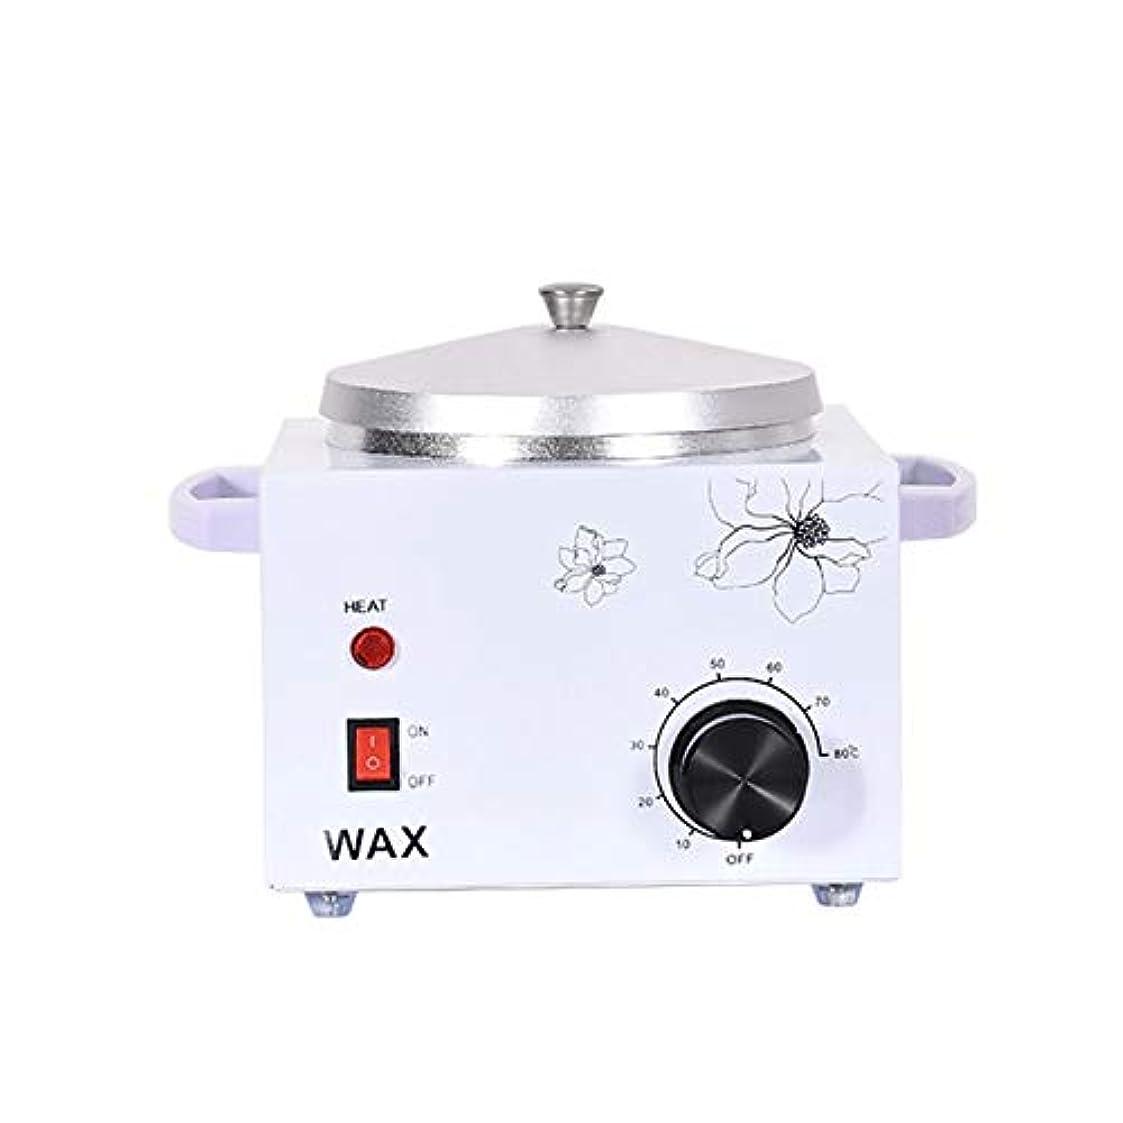 反映するなぜならのスコアプロフェッショナル電気ワックスウォーマーヒーター美容室ワックスポット多機能シングル口の炉内温度制御脱毛脱毛ワックスビーンヒーター600ccの